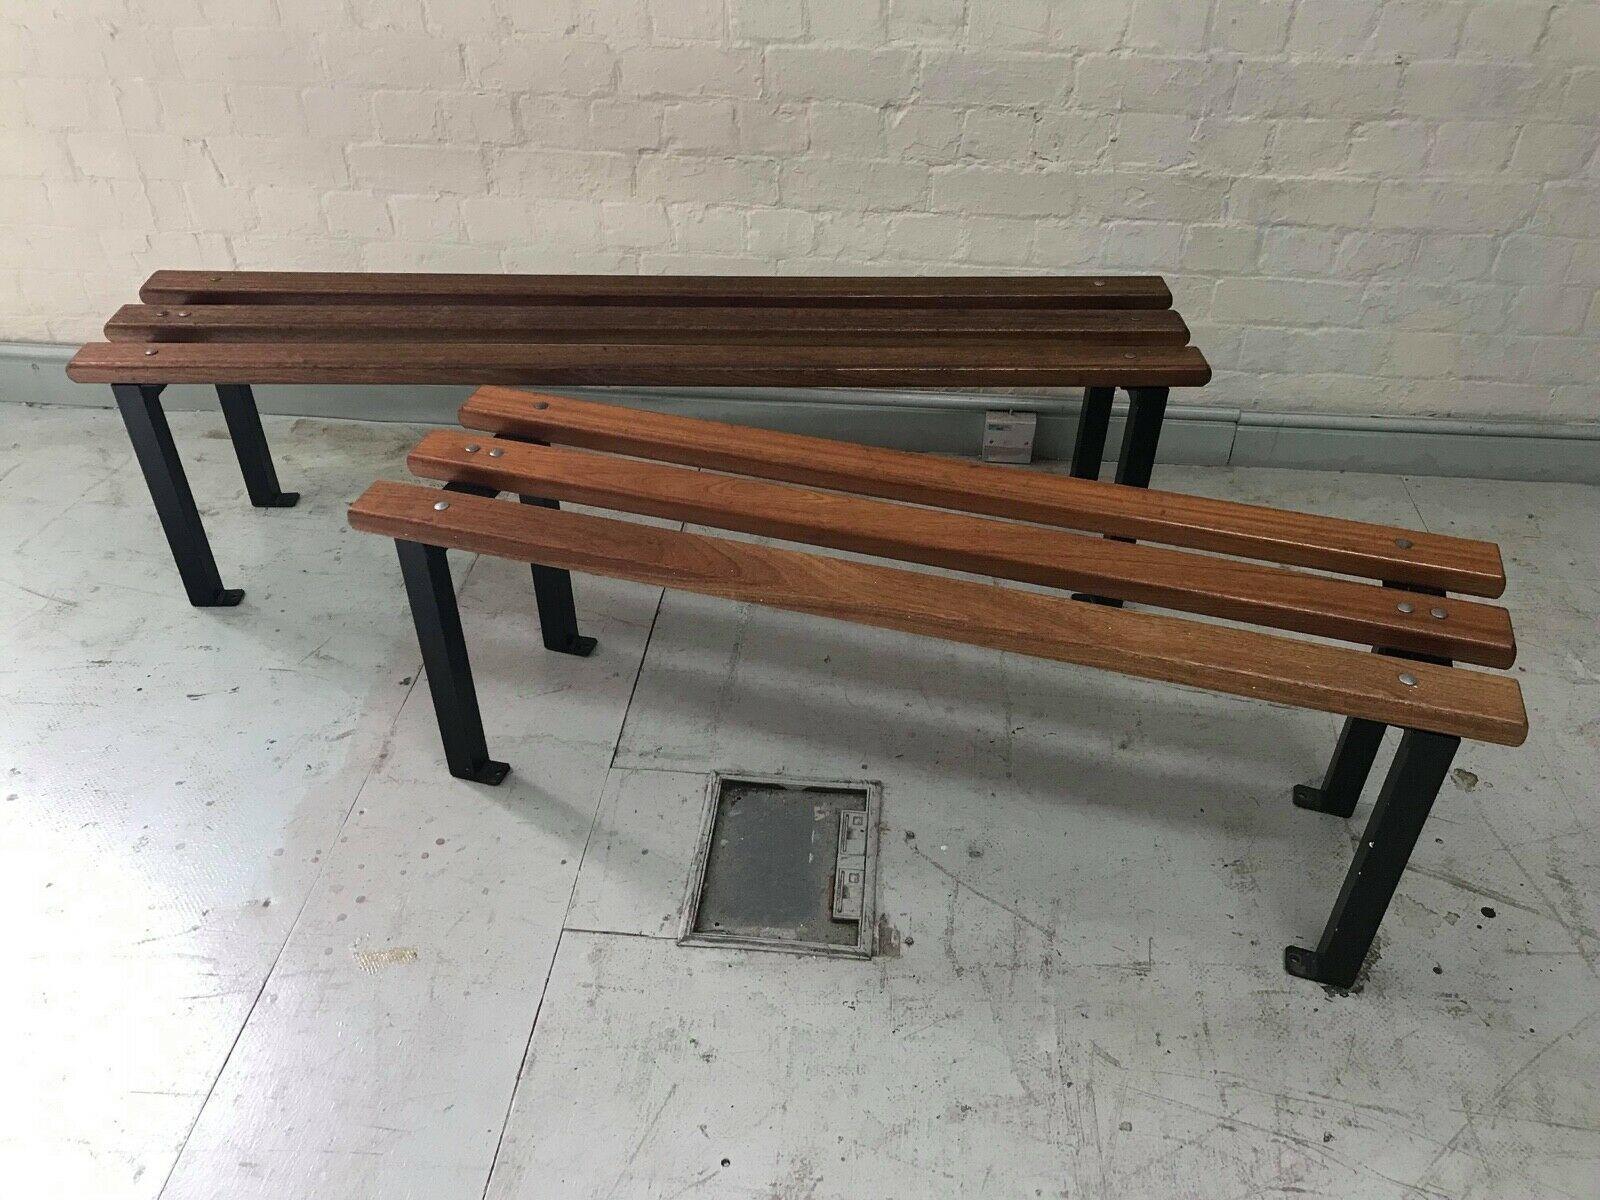 Pleasing Vintage Mid Century Teak Iroko Steel Slatted Gym Locker Room Bench Spiritservingveterans Wood Chair Design Ideas Spiritservingveteransorg